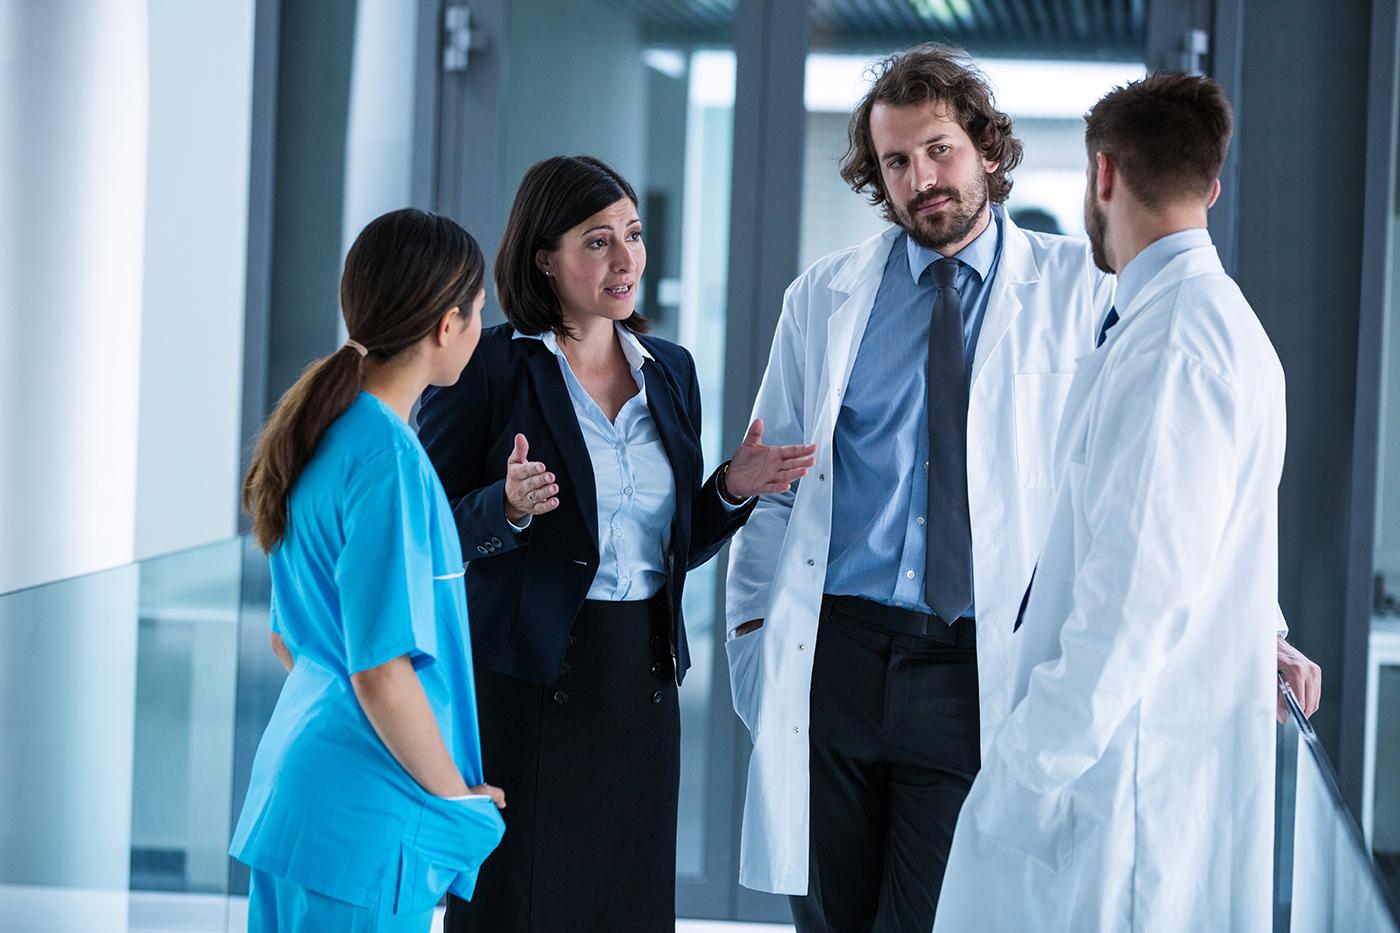 Dolmetschen Gesundheitsdienst